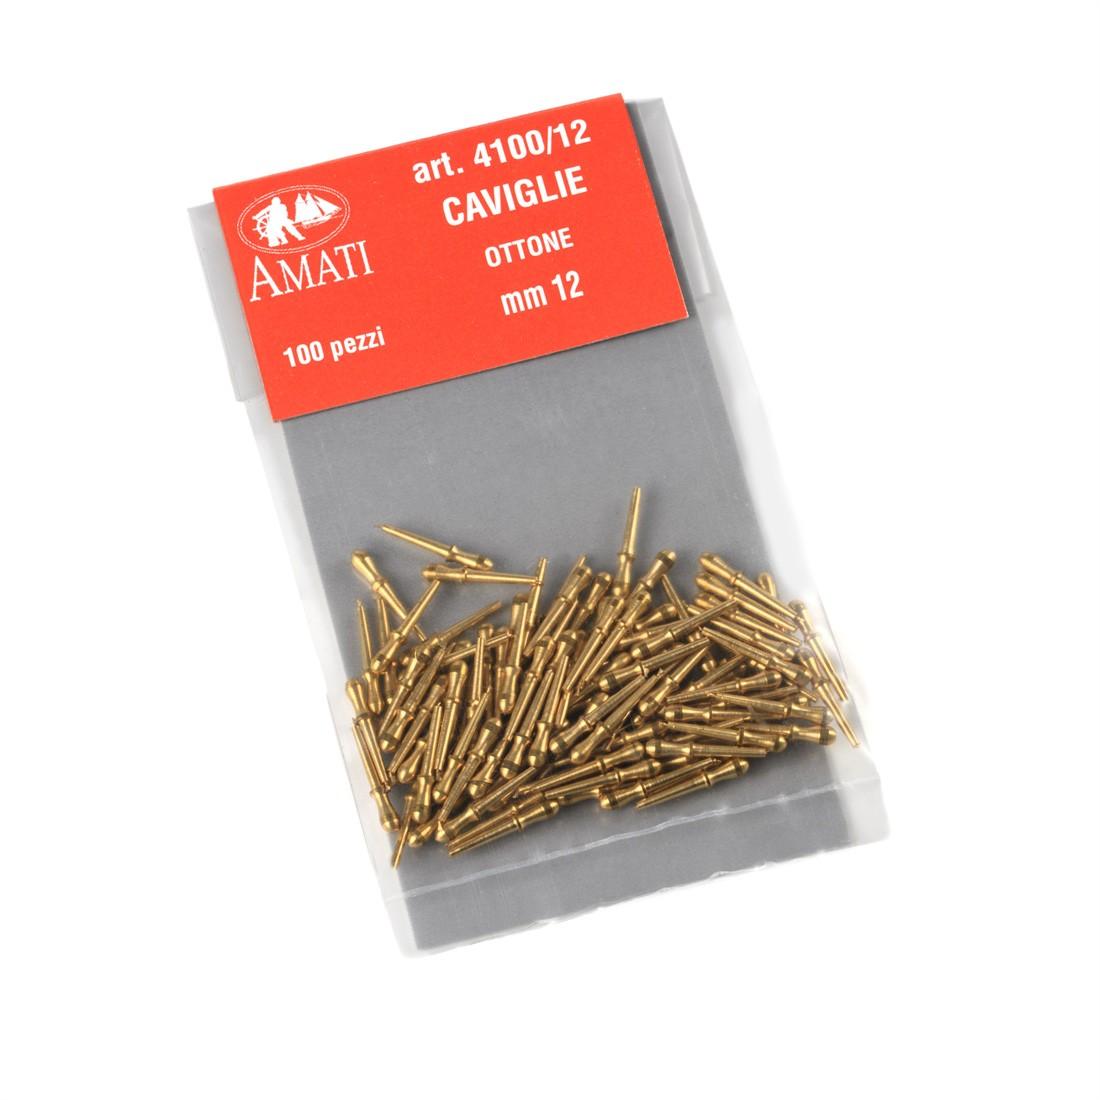 Cabillots laiton mm.12